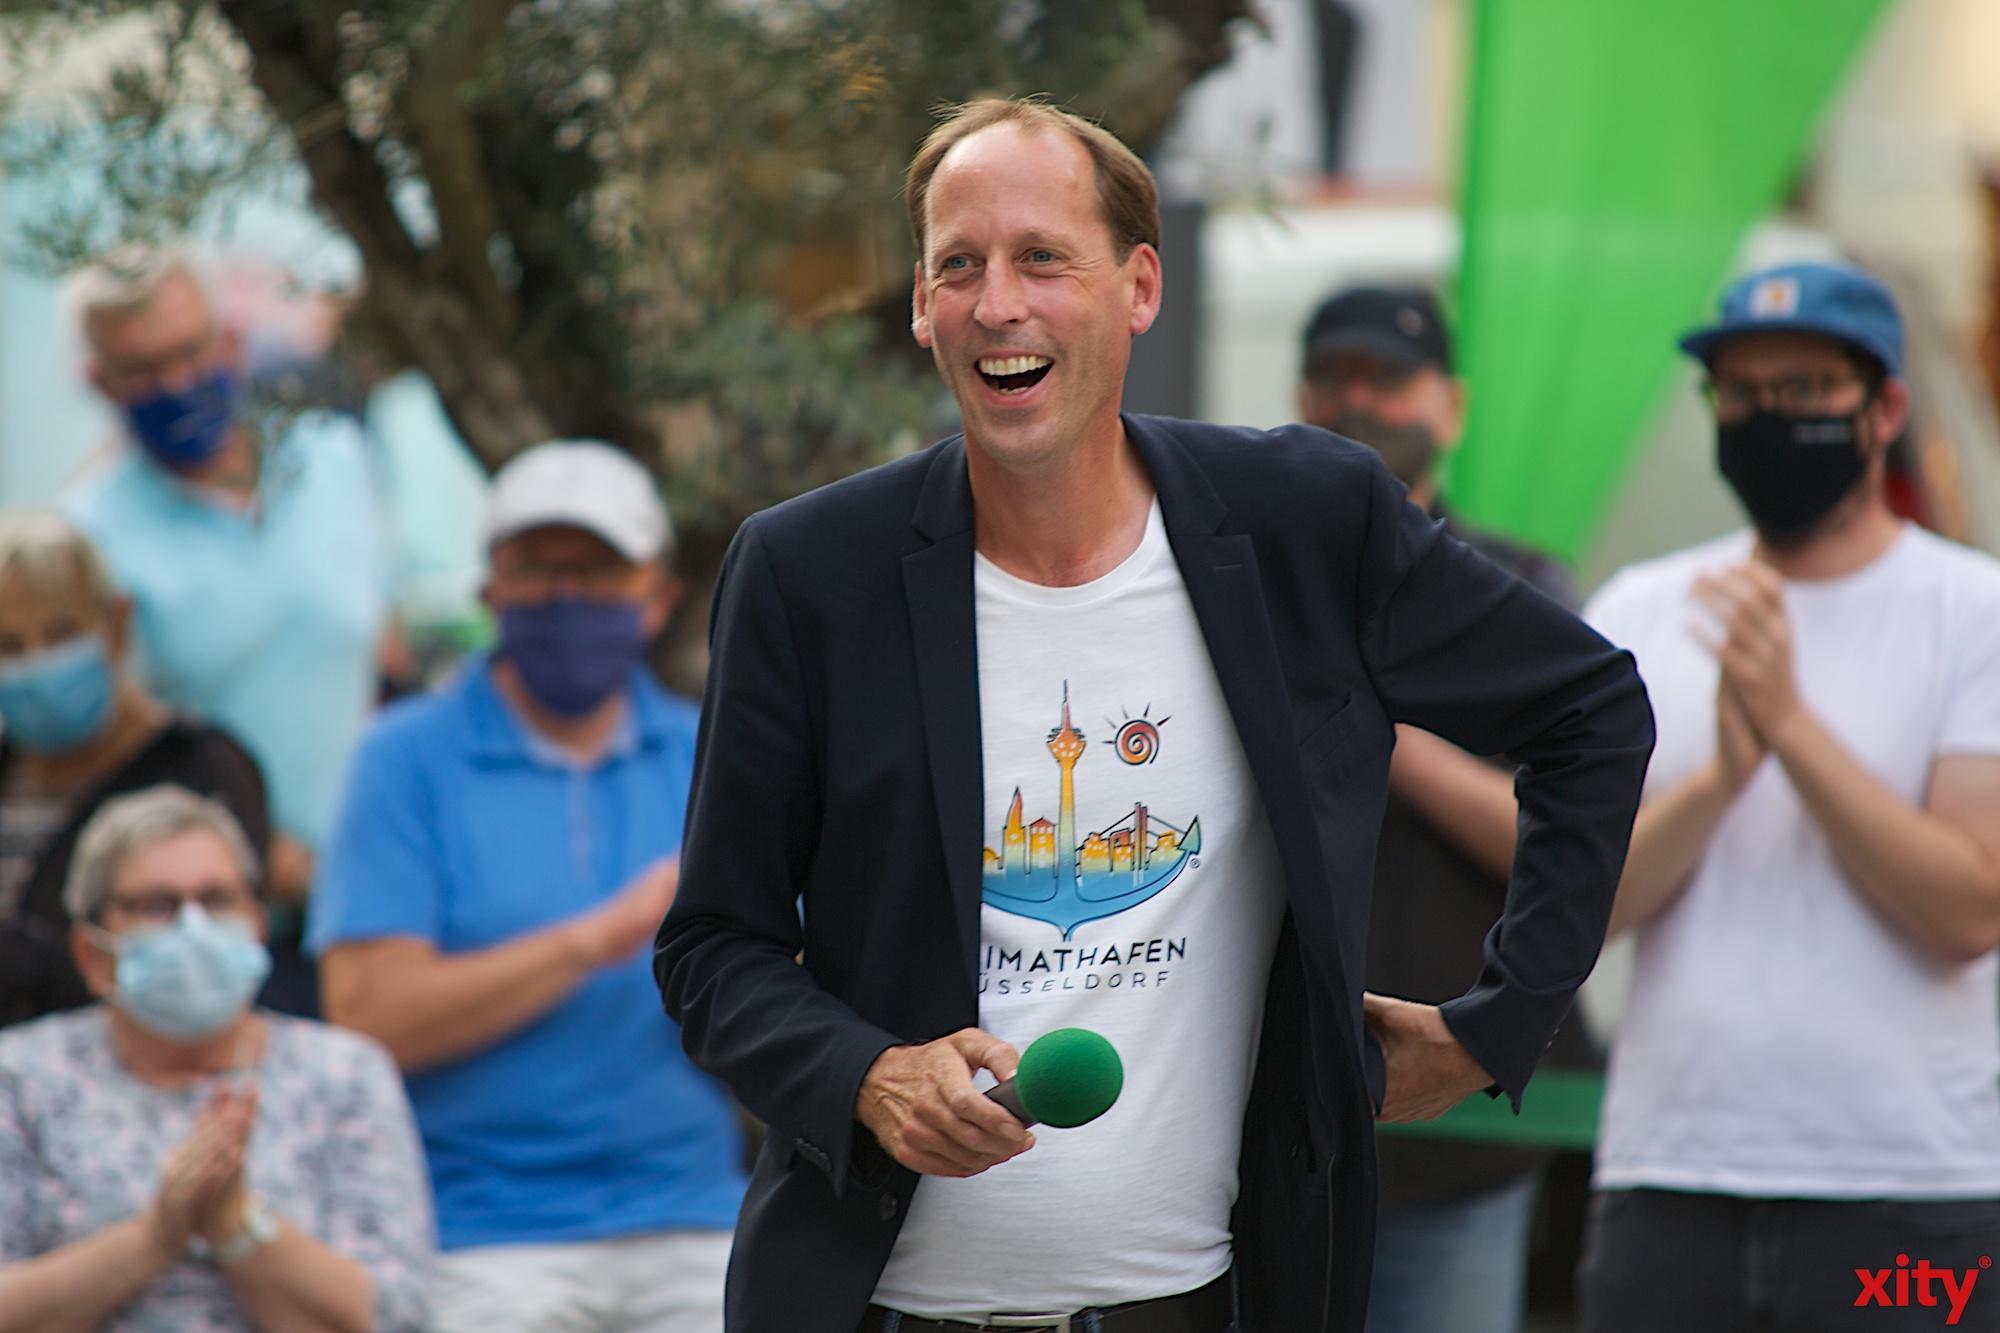 Stefan Engstfeld kandidiert für die Grünen in Düsseldorf als Oberbürgermeister (Foto: xity)